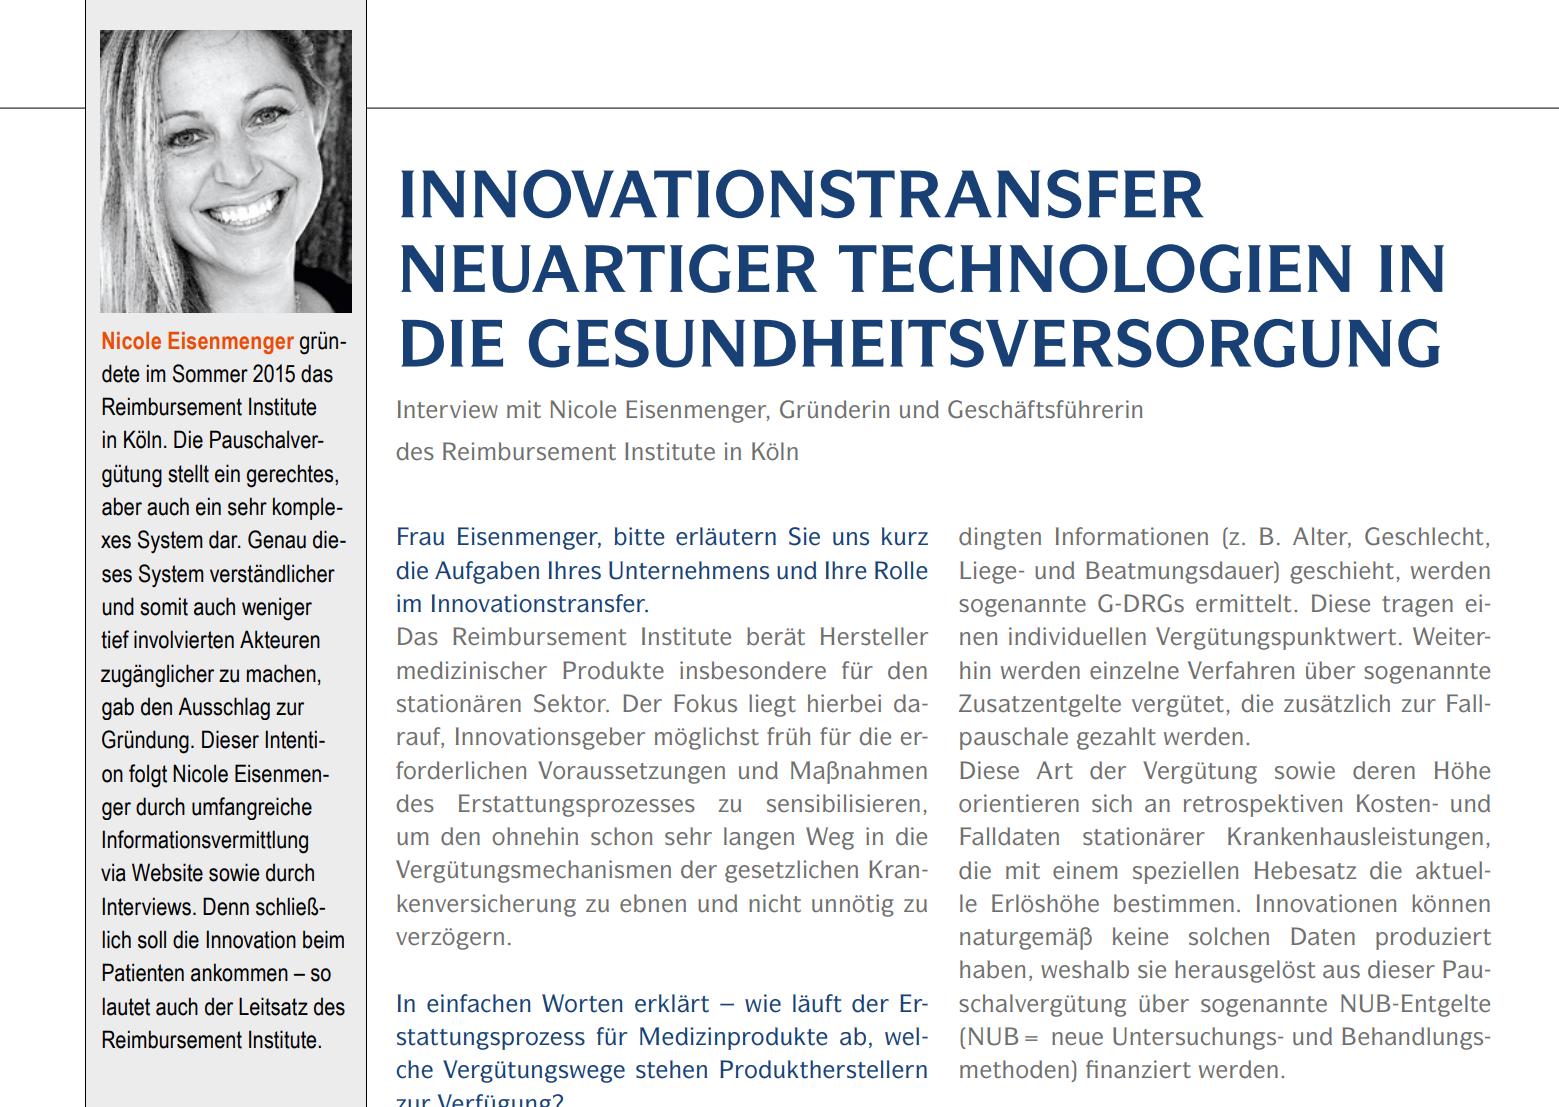 """Ein Beitrag des Reimbursement Institute zum Thema """"Innovationstransfer neuartiger Technologien in die Gesundheitsversorgung"""""""